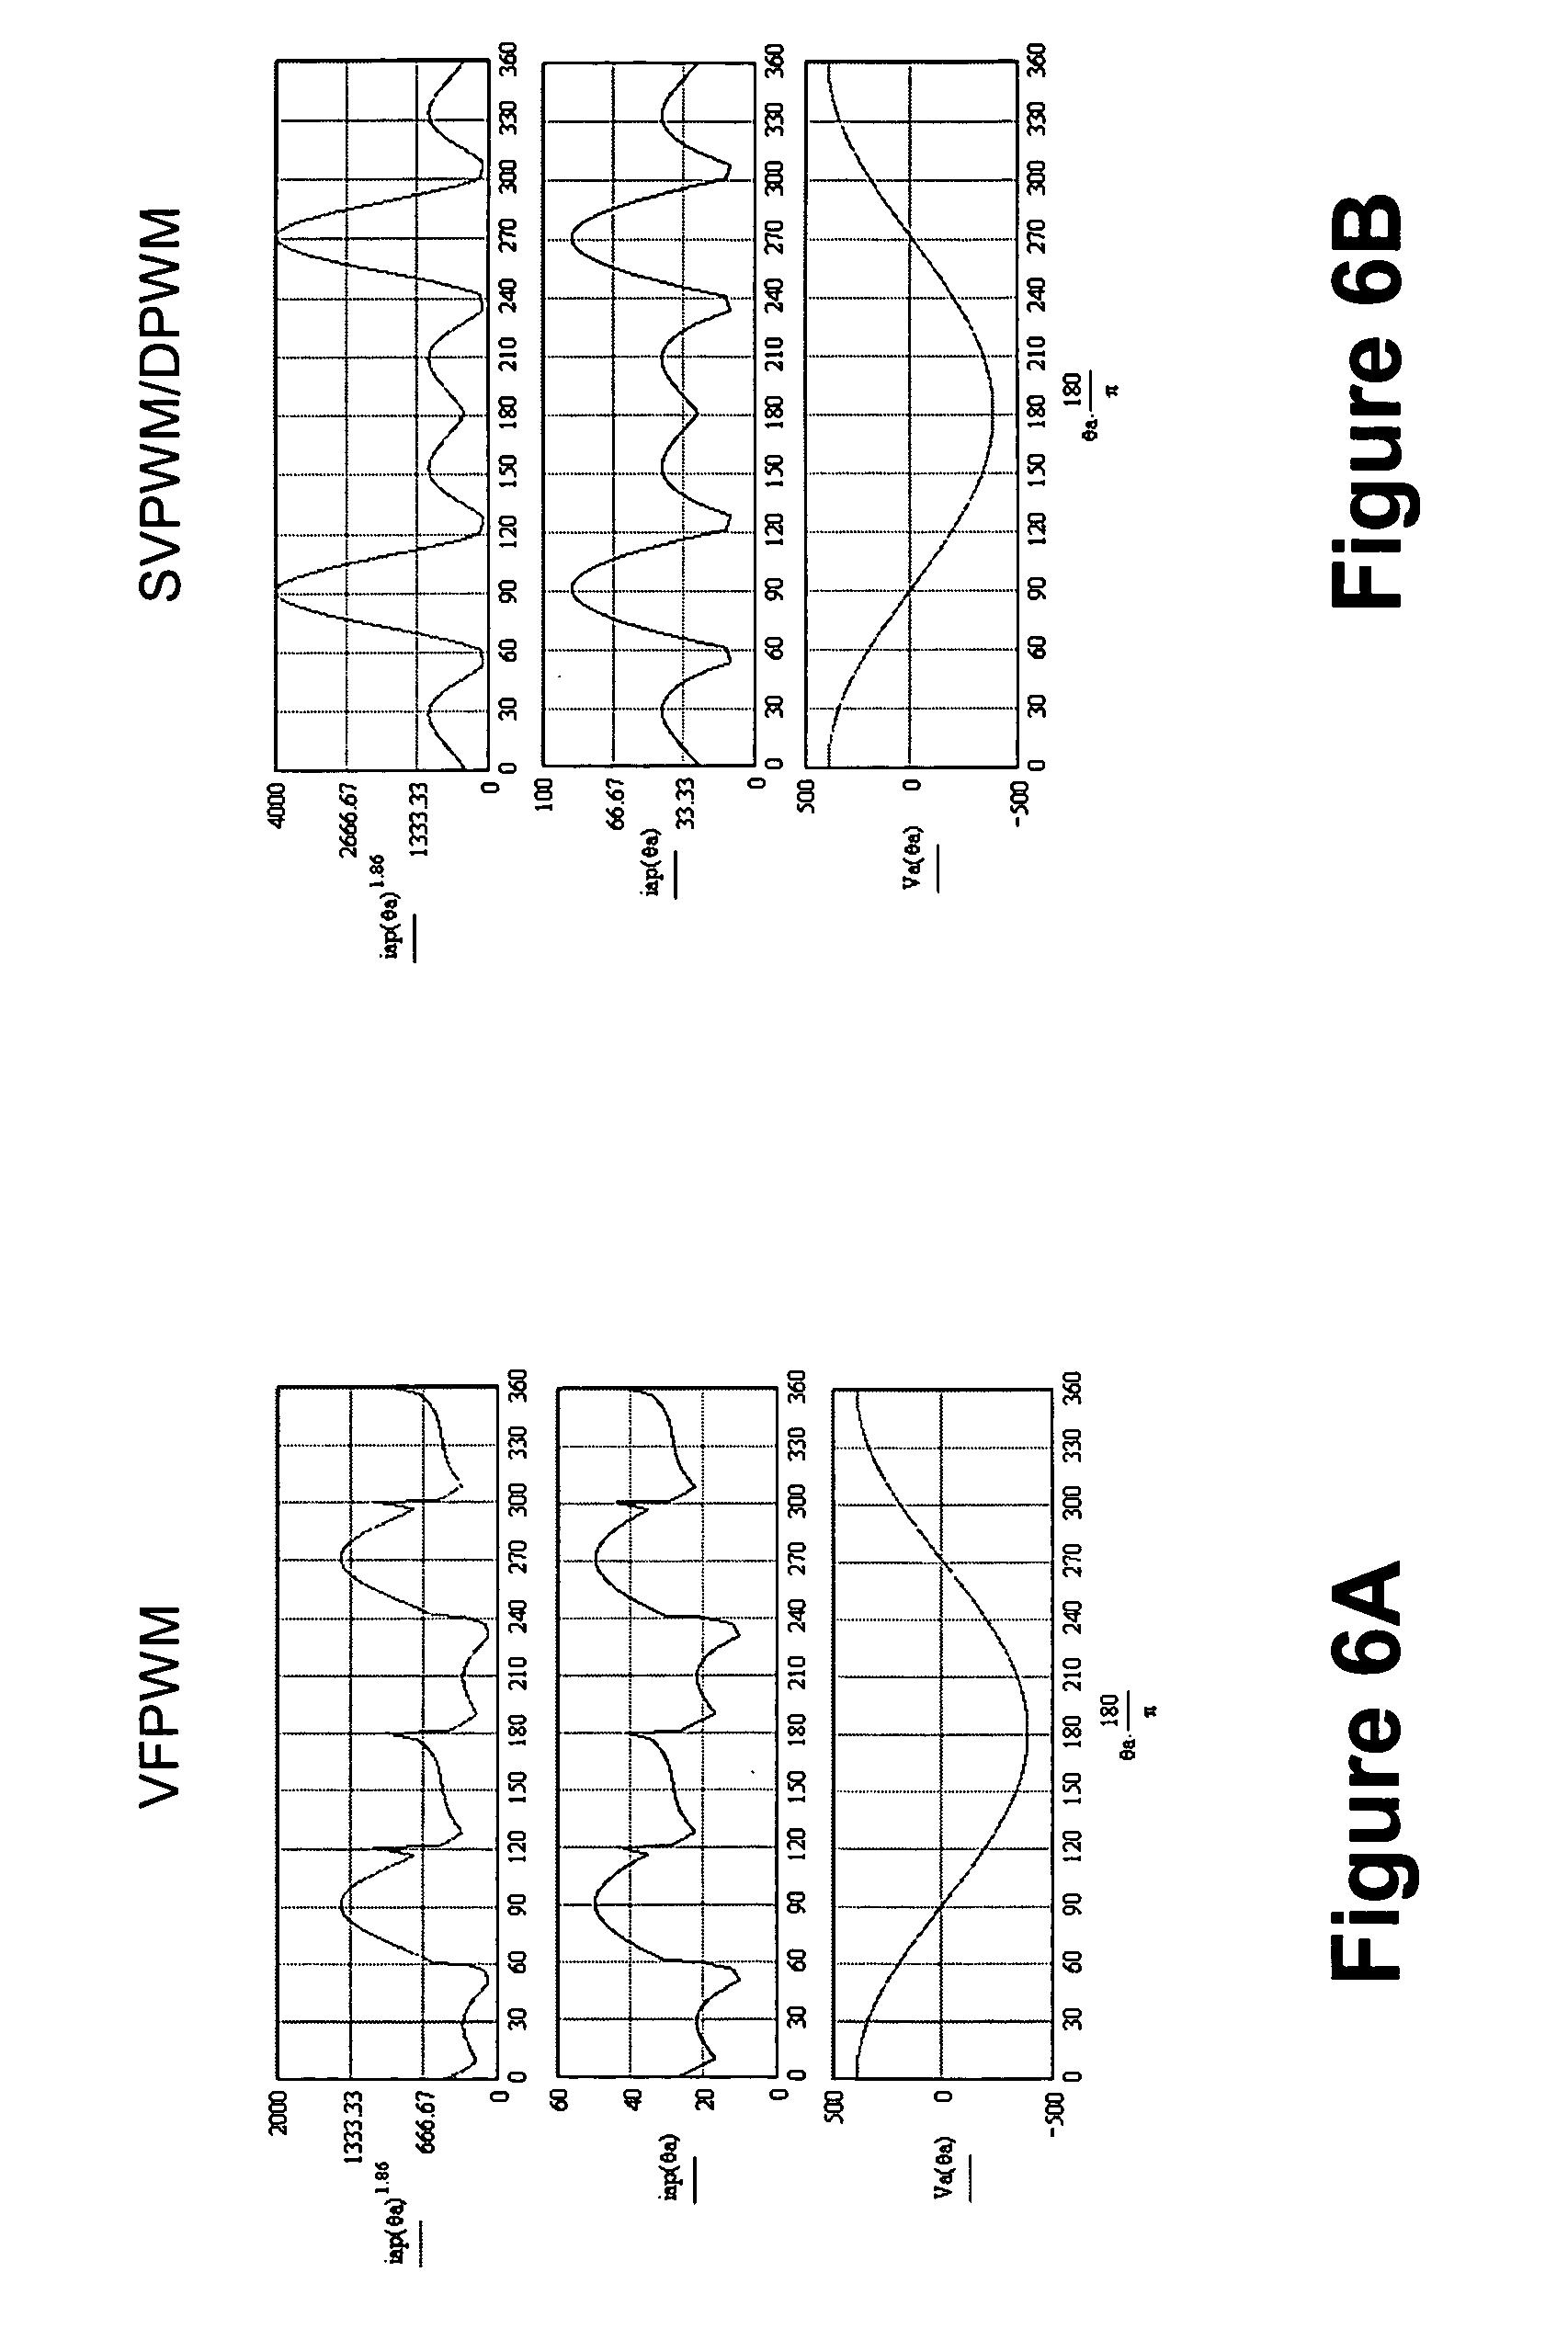 patent us7190143